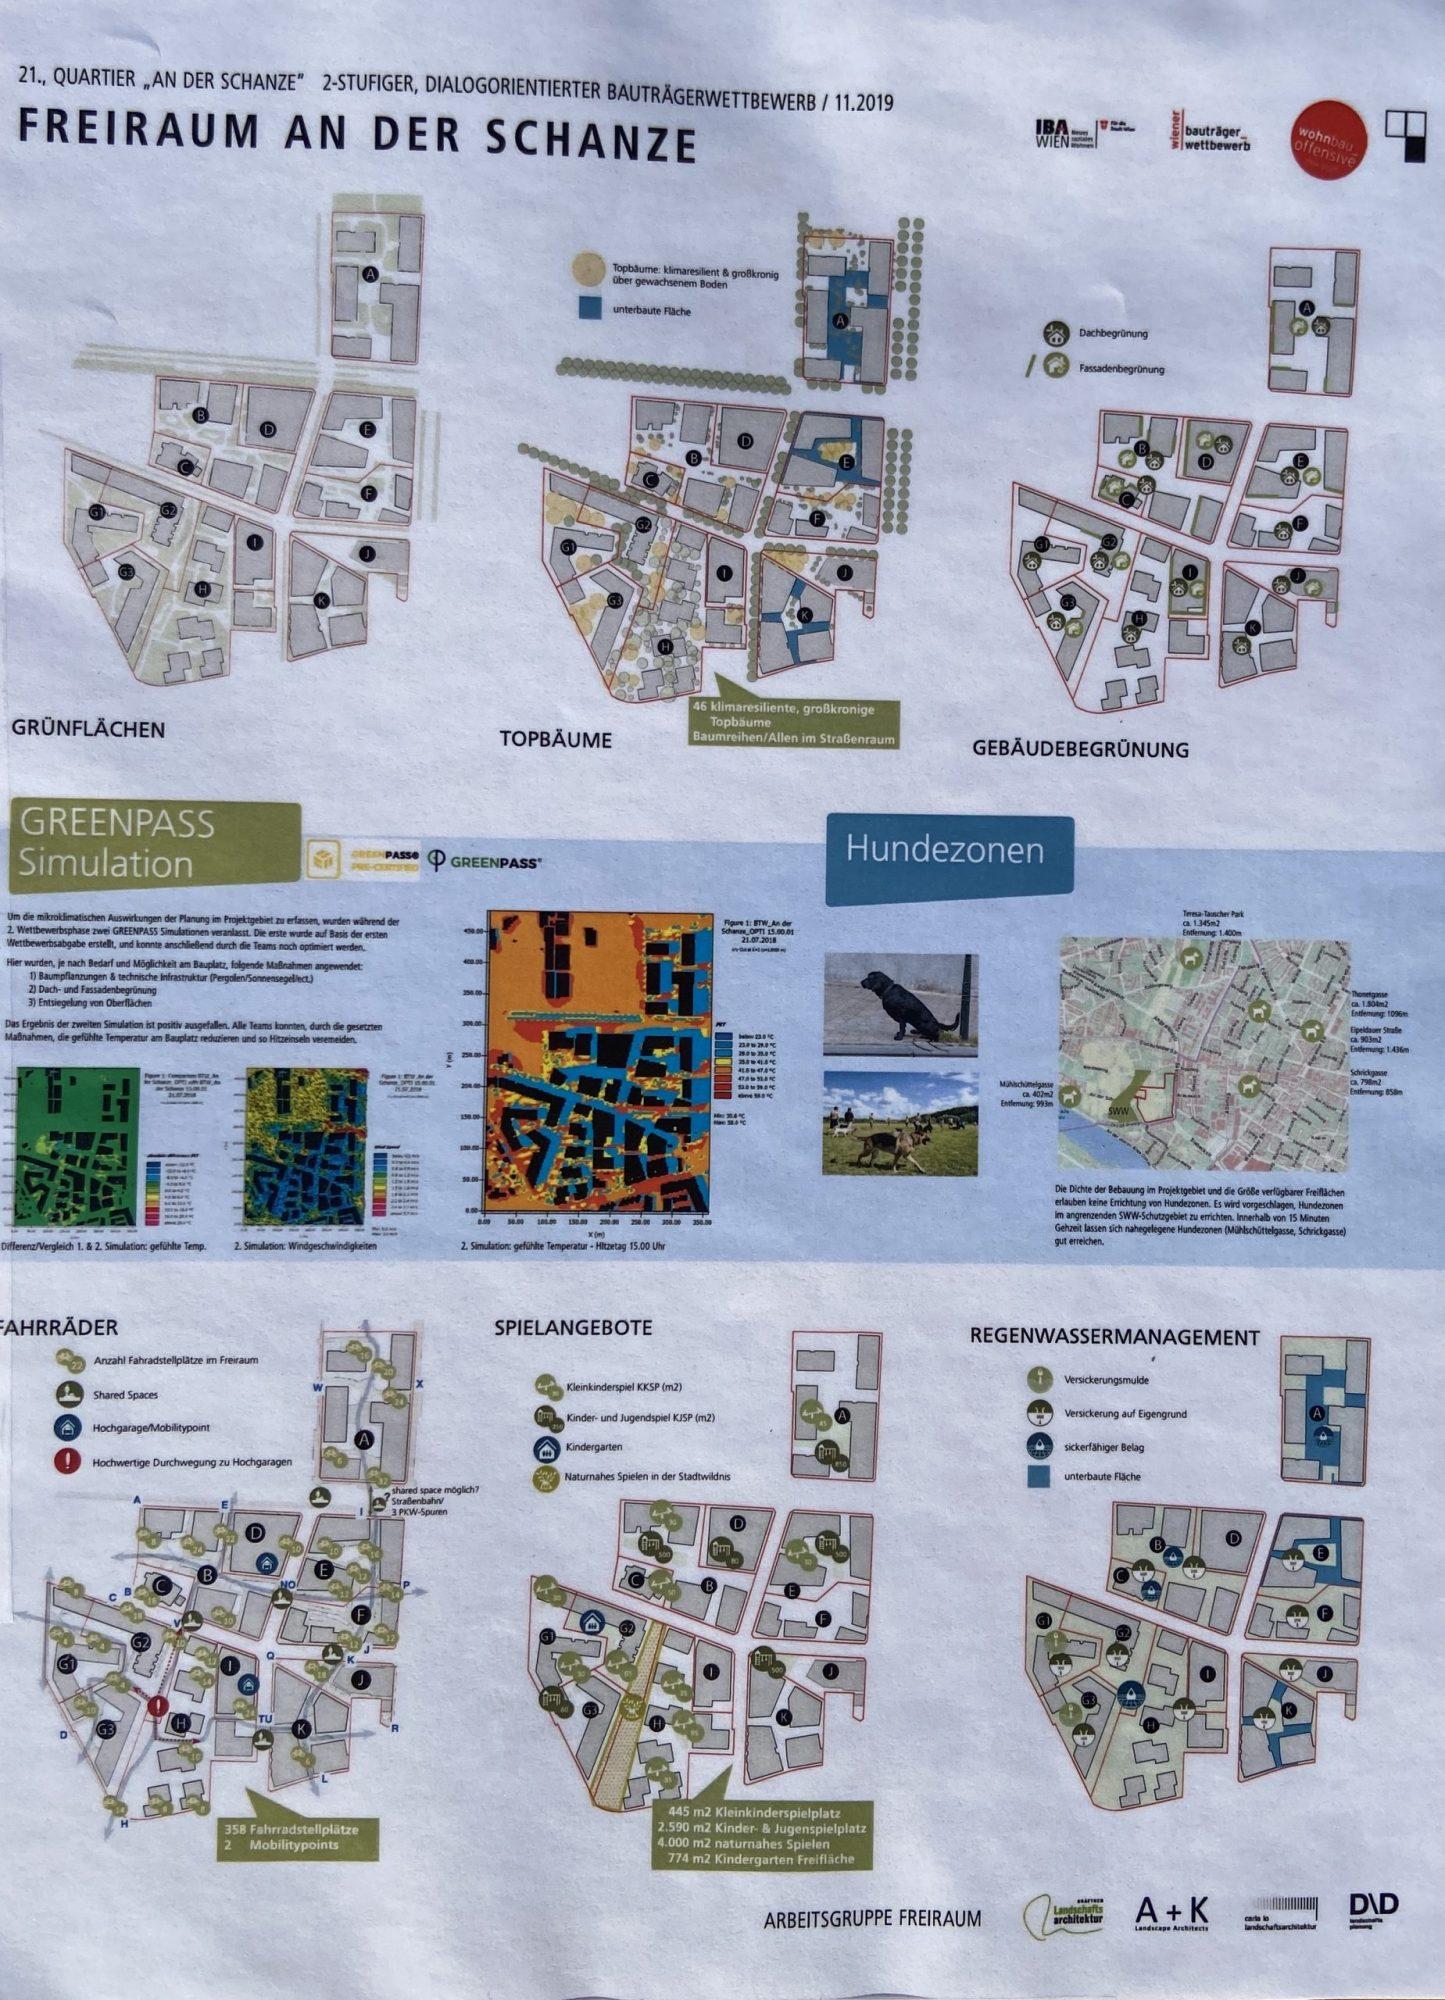 Projekt Freiraum Donaufeld - erste Etappe der Verbauung. Bild: Arbeitsgruppe Freiraum.